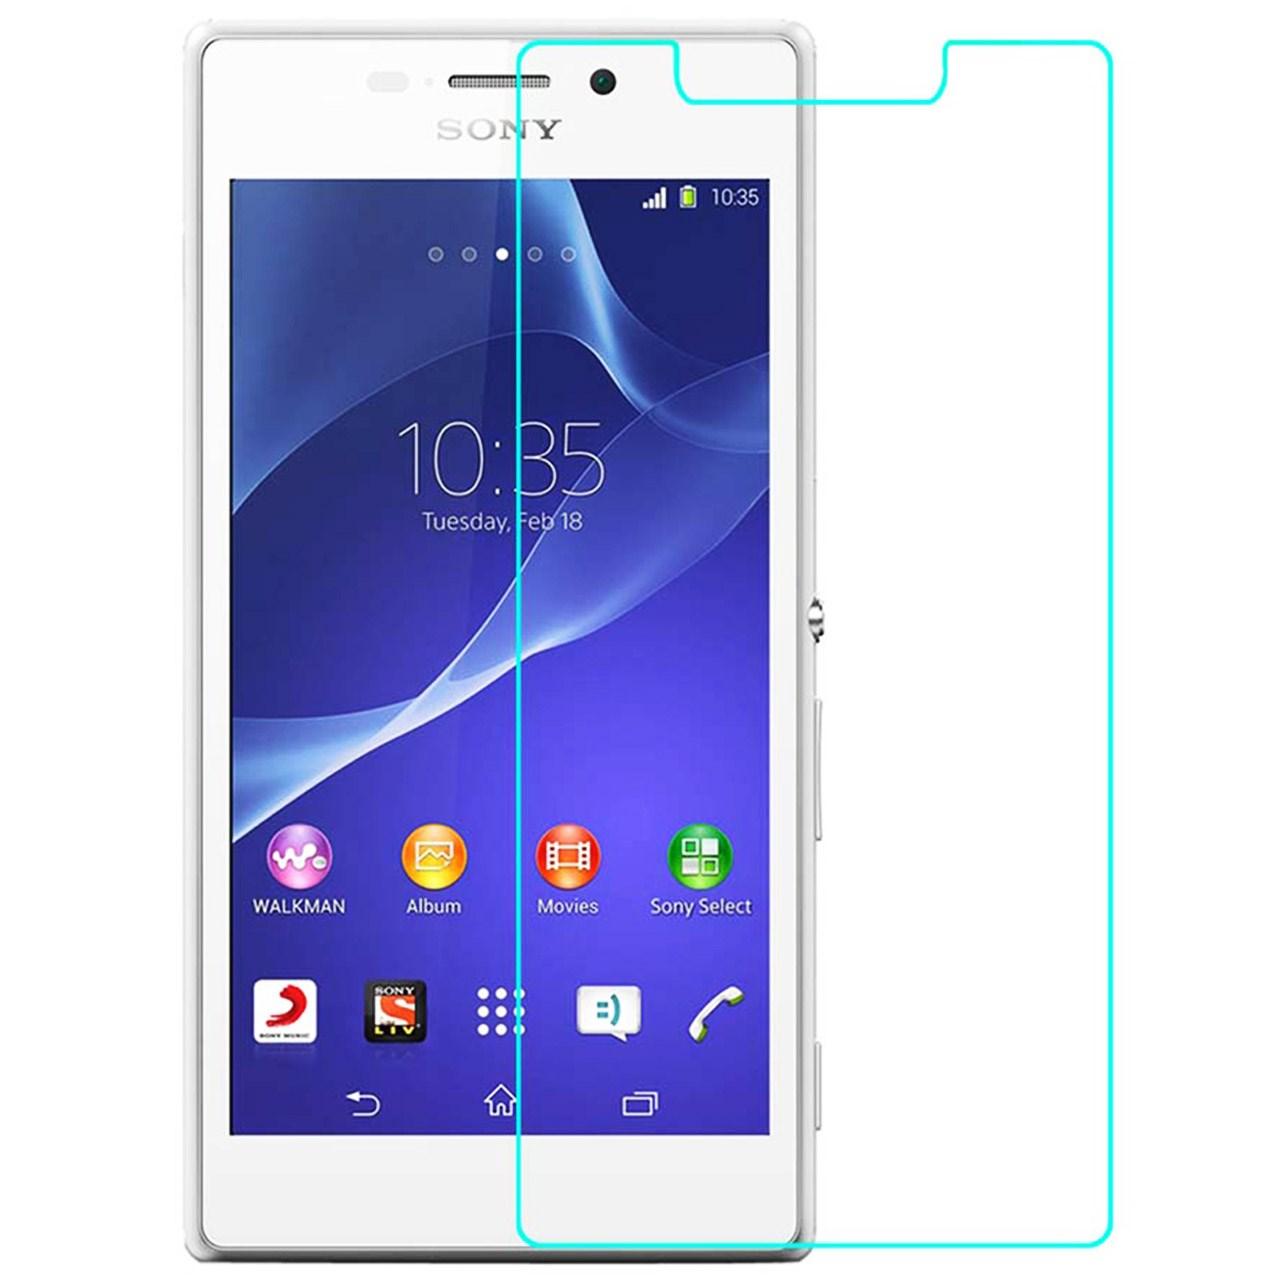 محافظ صفحه نمایش شیشه ای تمپرد مناسب برای گوشی موبایل سونی Xperia M2